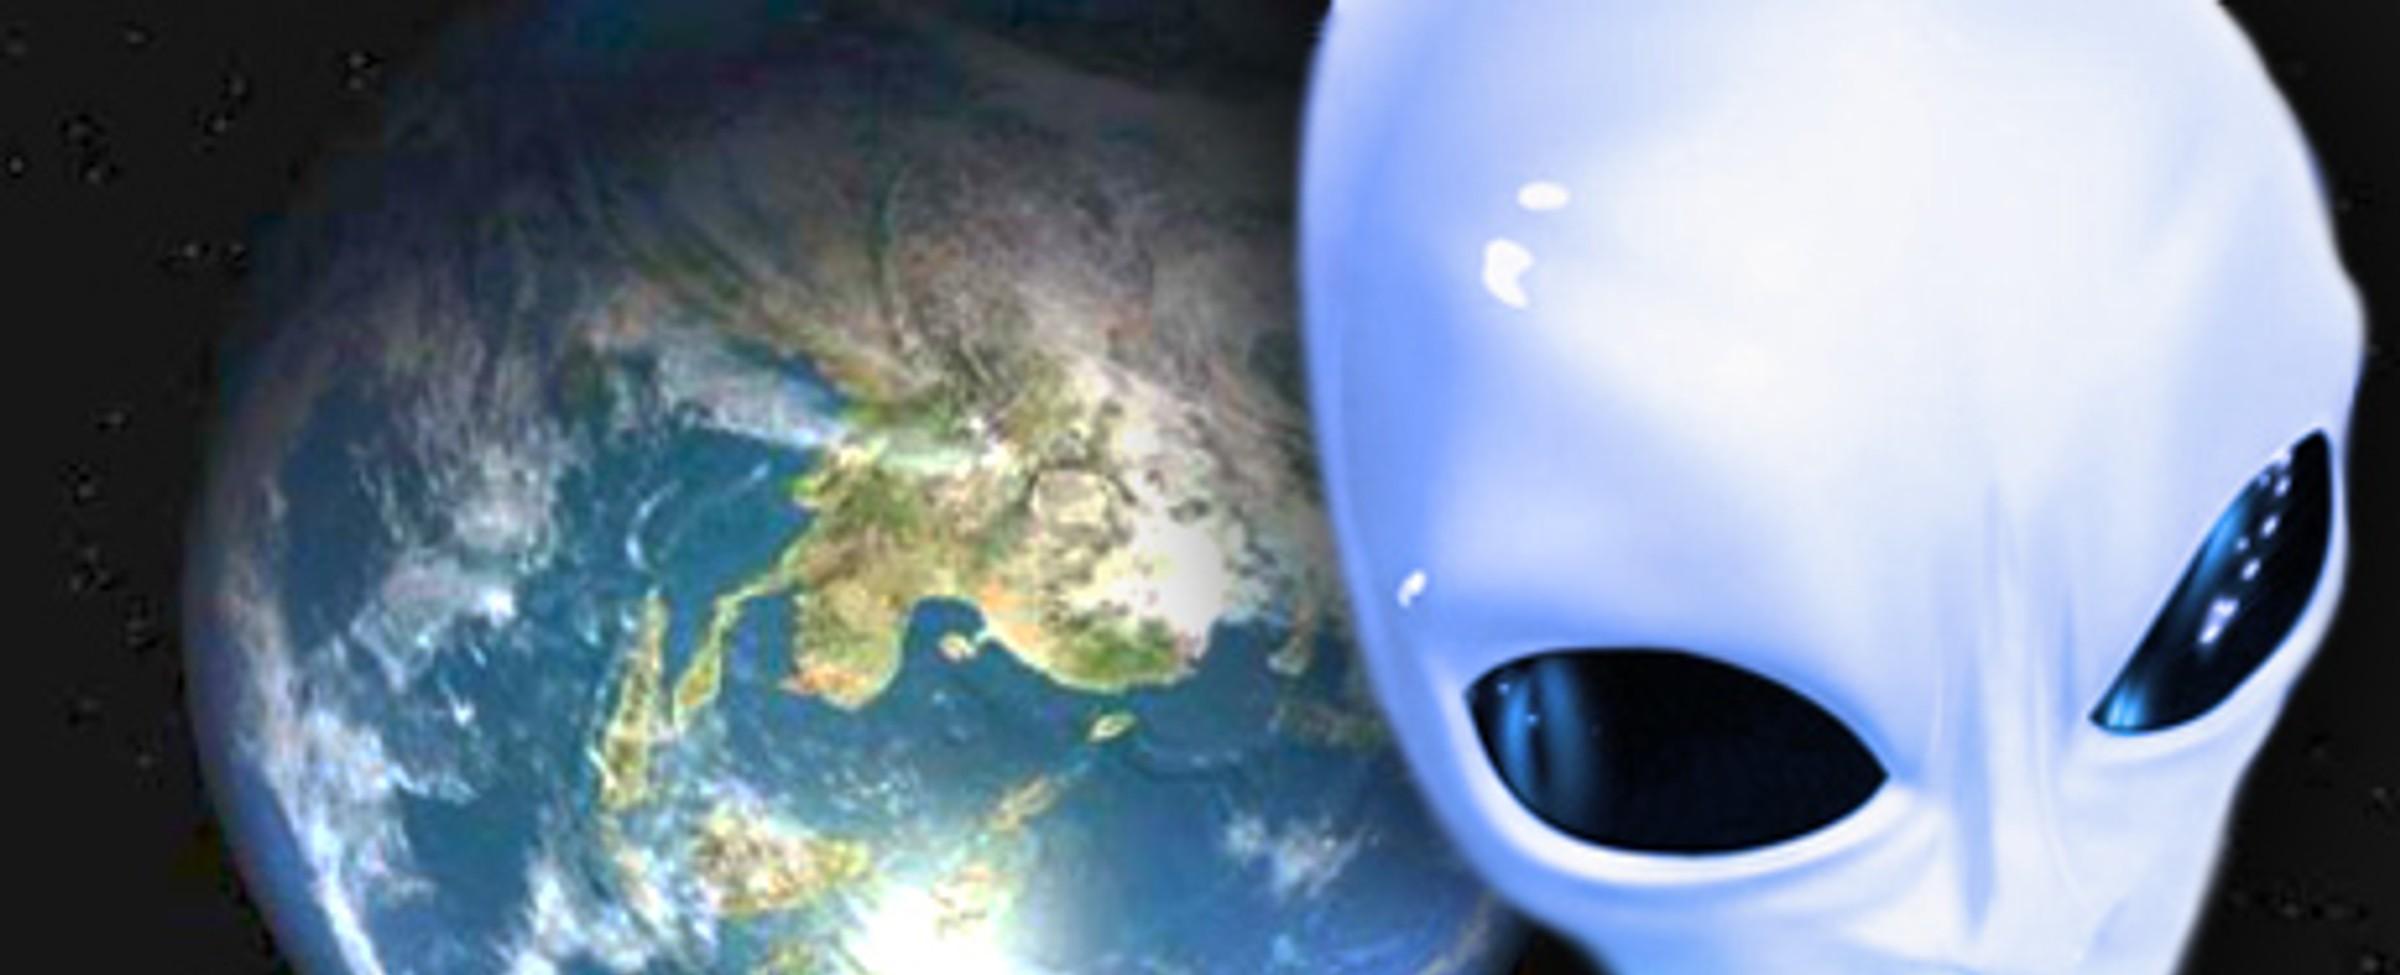 Mimozemská inteligence